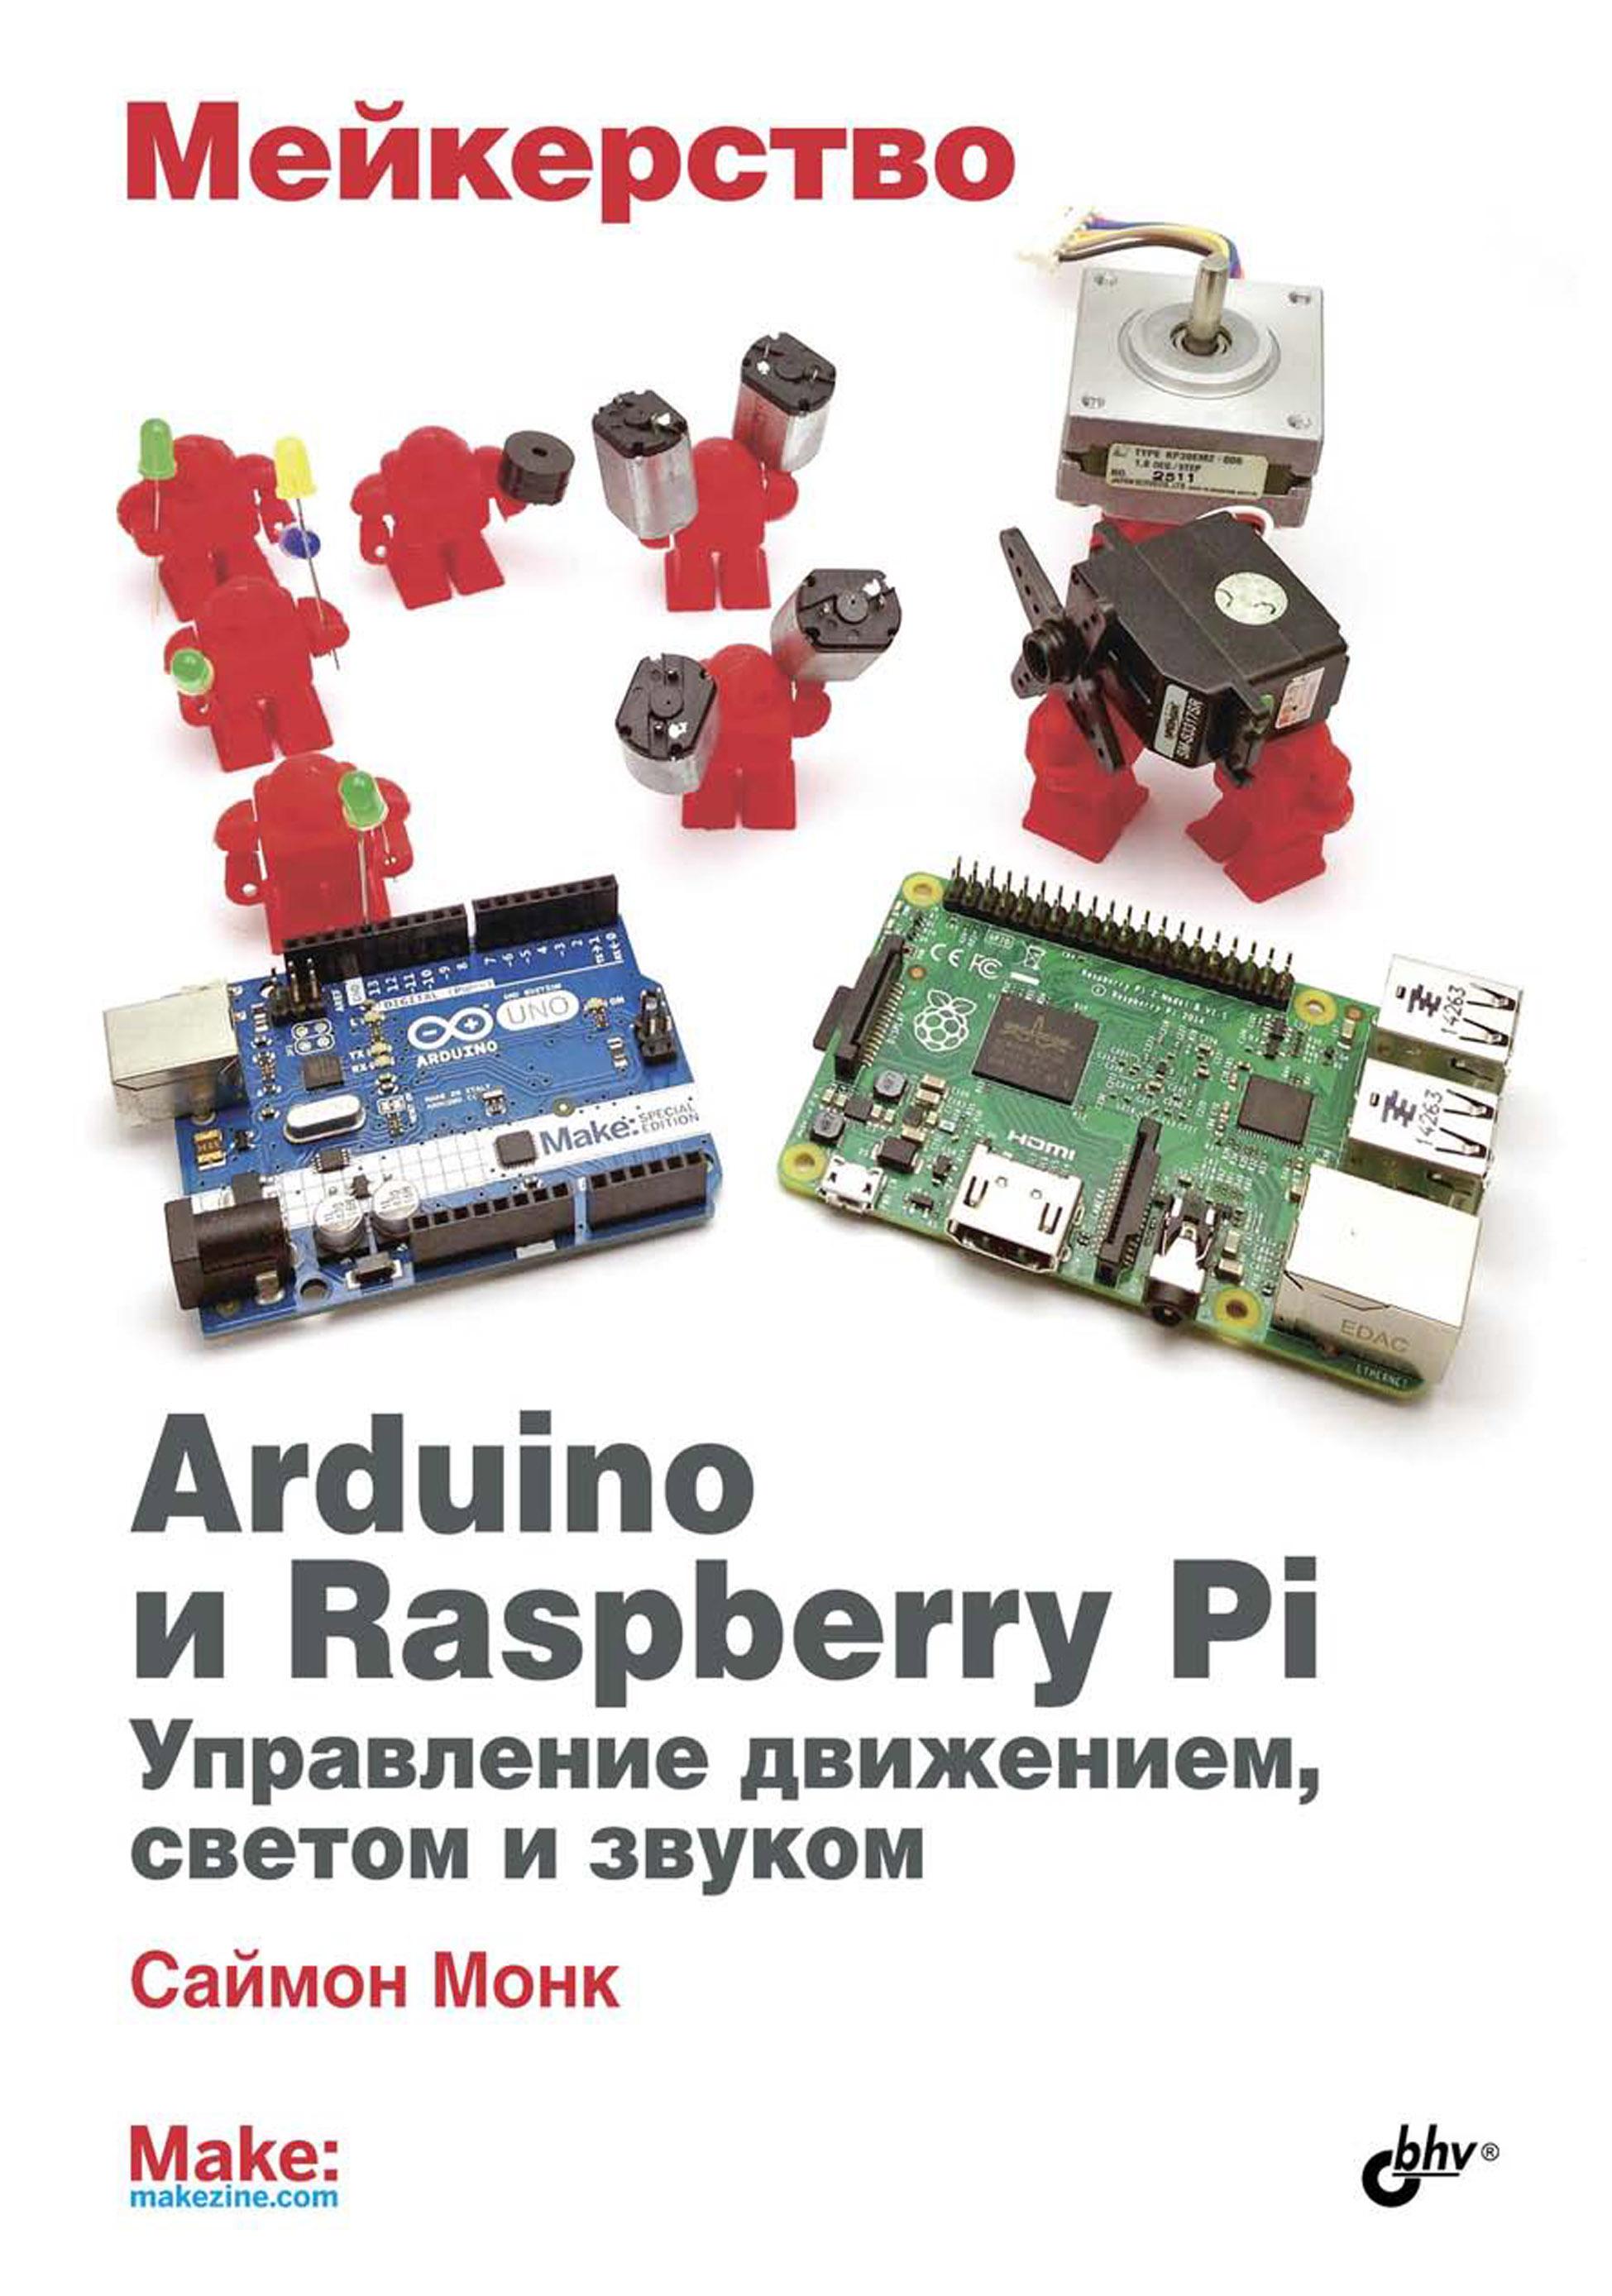 Саймон Монк Мейкерство. Arduino и Raspberry Pi. Управление движением, светом и звуком саймон монк raspberry pi сборник рецептов решение программных и аппаратных задач